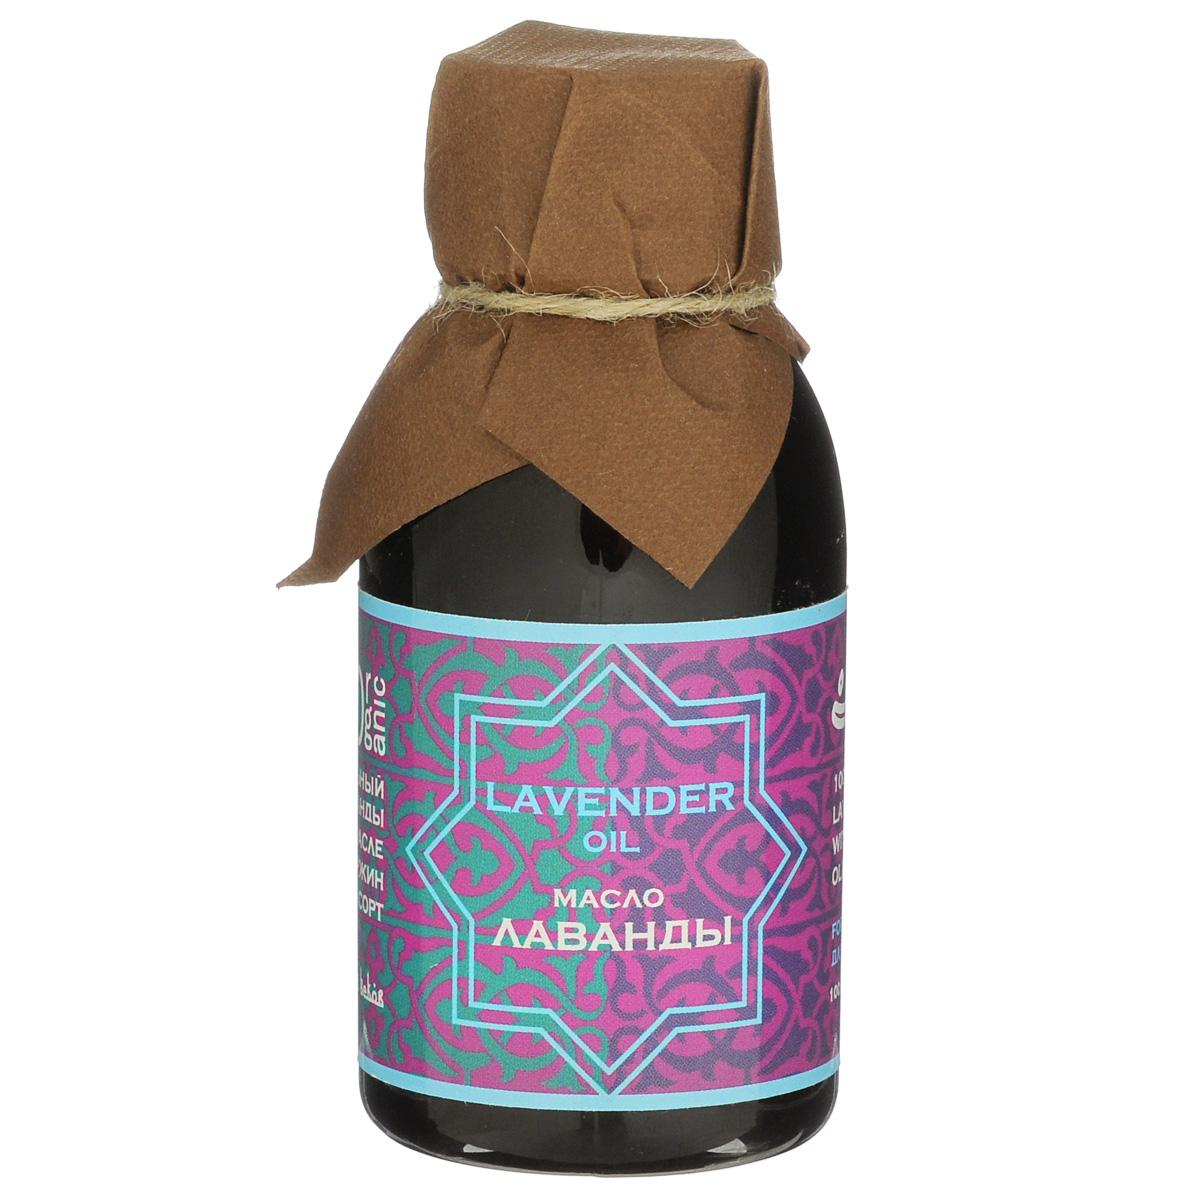 Зейтун Маслянный экстракт Лаванда, 100 млFS-00897Мацерат — это продукт, получаемый при масляной экстракции цветов лаванды, который впитал в себя всю их пользу и силу.Лаванда, как известно, обладает успокаивающим действием, снимает боли и спазмы, улучшает память, помогает собраться в стрессовой ситуации.Мацерат лаванды хорош для ухода за комбинированной и жирной кожей, благодаря своим антисептическим свойствам, помогает подлечивать воспаления кожи, улучшает микроциркуляцию крови, тонизирует и успокаивает её, за счет регуляции деятельности сальных желез, кожа становится гладкой, бархатистой, здоровой и красивой.Масло лаванды подходит не только для кожи, но и для волос: он укрепляет ломкие и поврежденные волосы, укрепляет волосяную луковицу, ускоряет рост волос, улучшает их структуру и общее состояние, наполняя их блеском и жизненной силой.Также масло лаванды способствует укреплению ногтей.